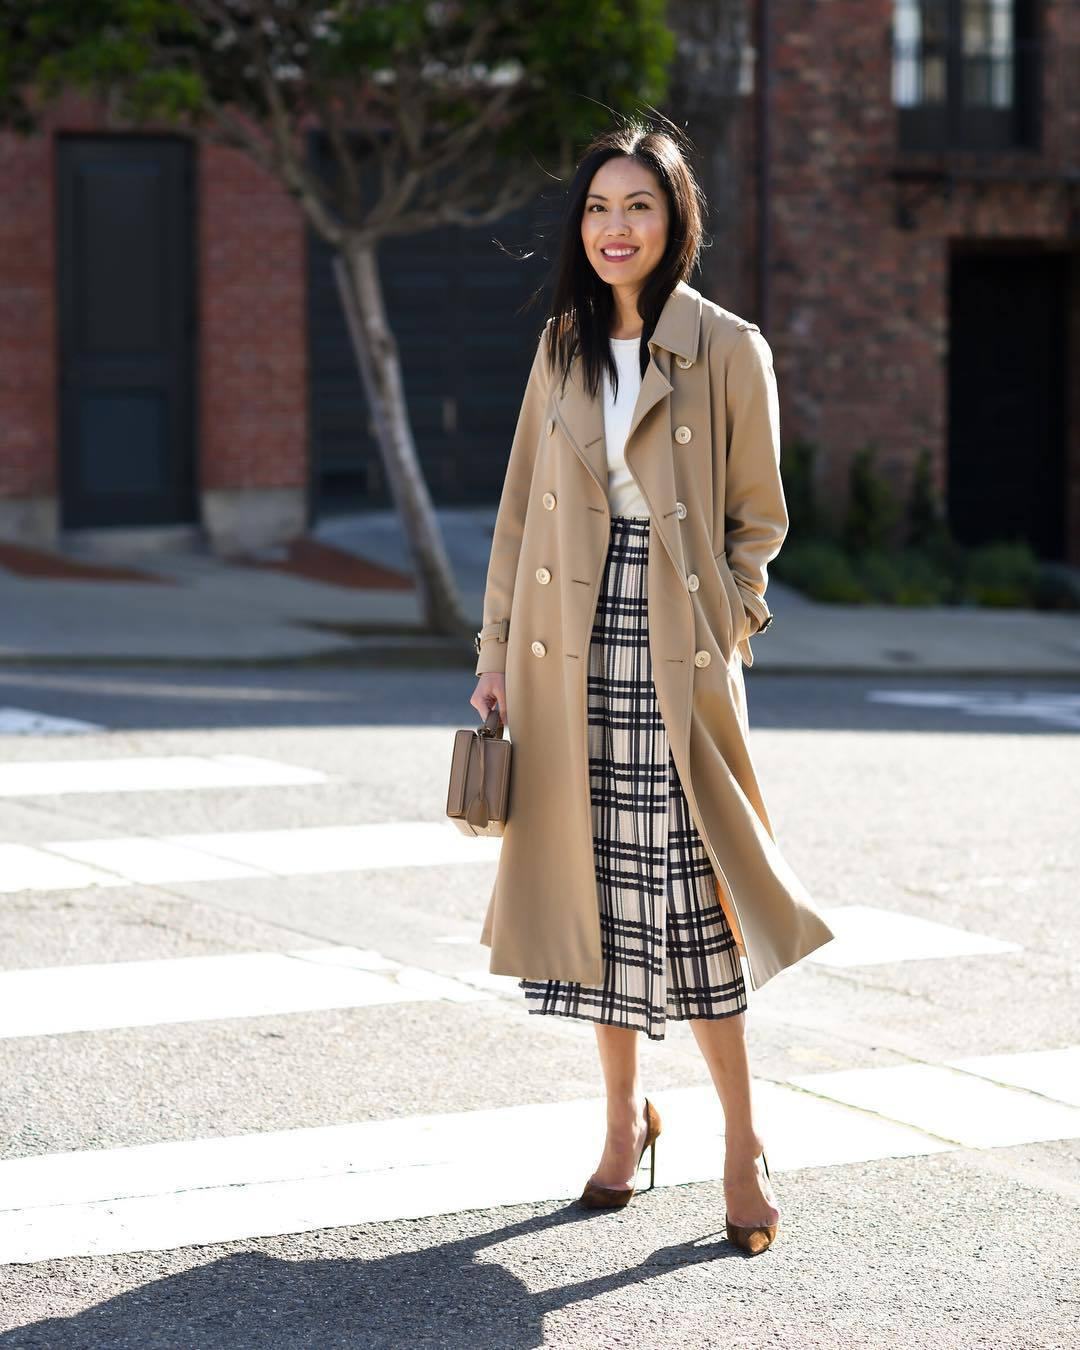 skirt pleated skirt high waisted skirt black and white pumps camel coat handbag white top